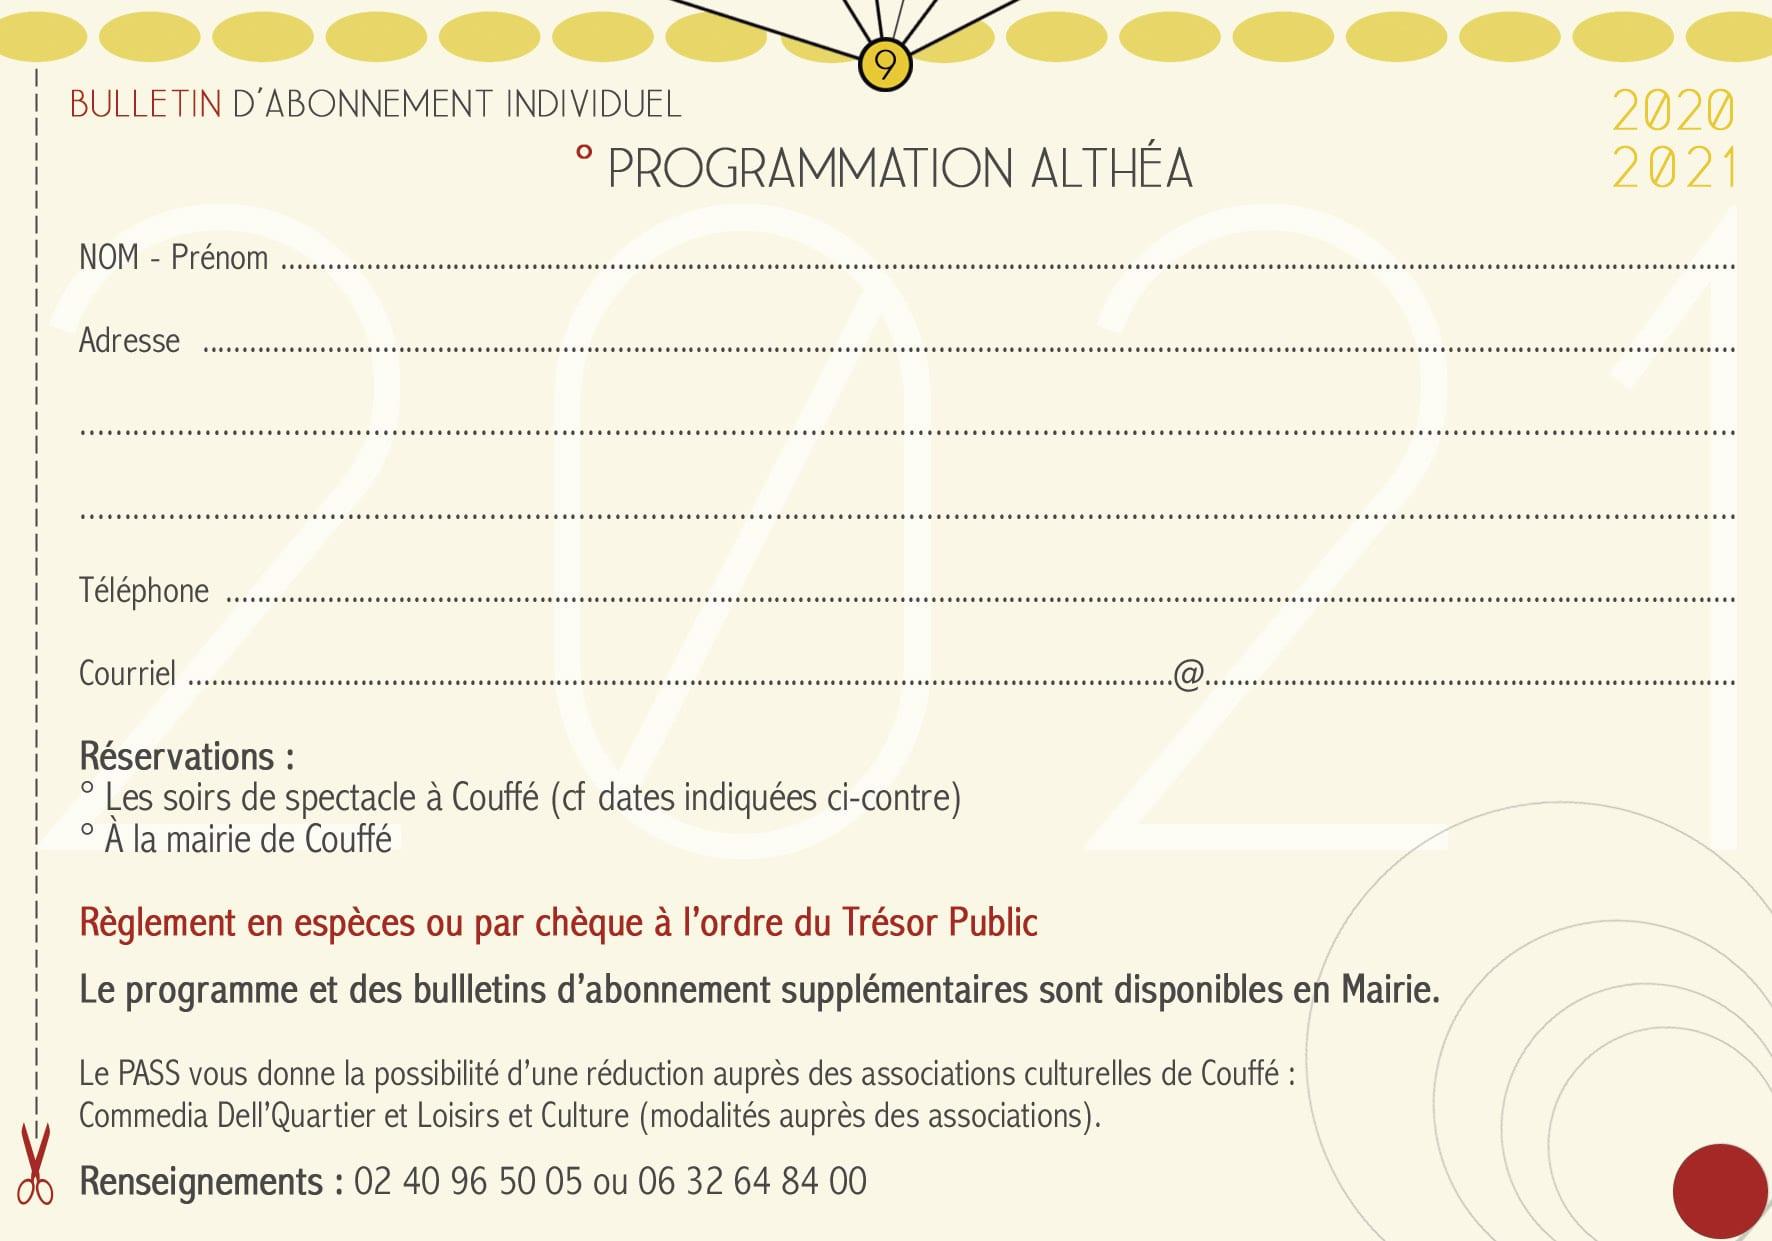 COUFFE-Saison-culturelle-brochure-A6-2020001788-AC_Page_09